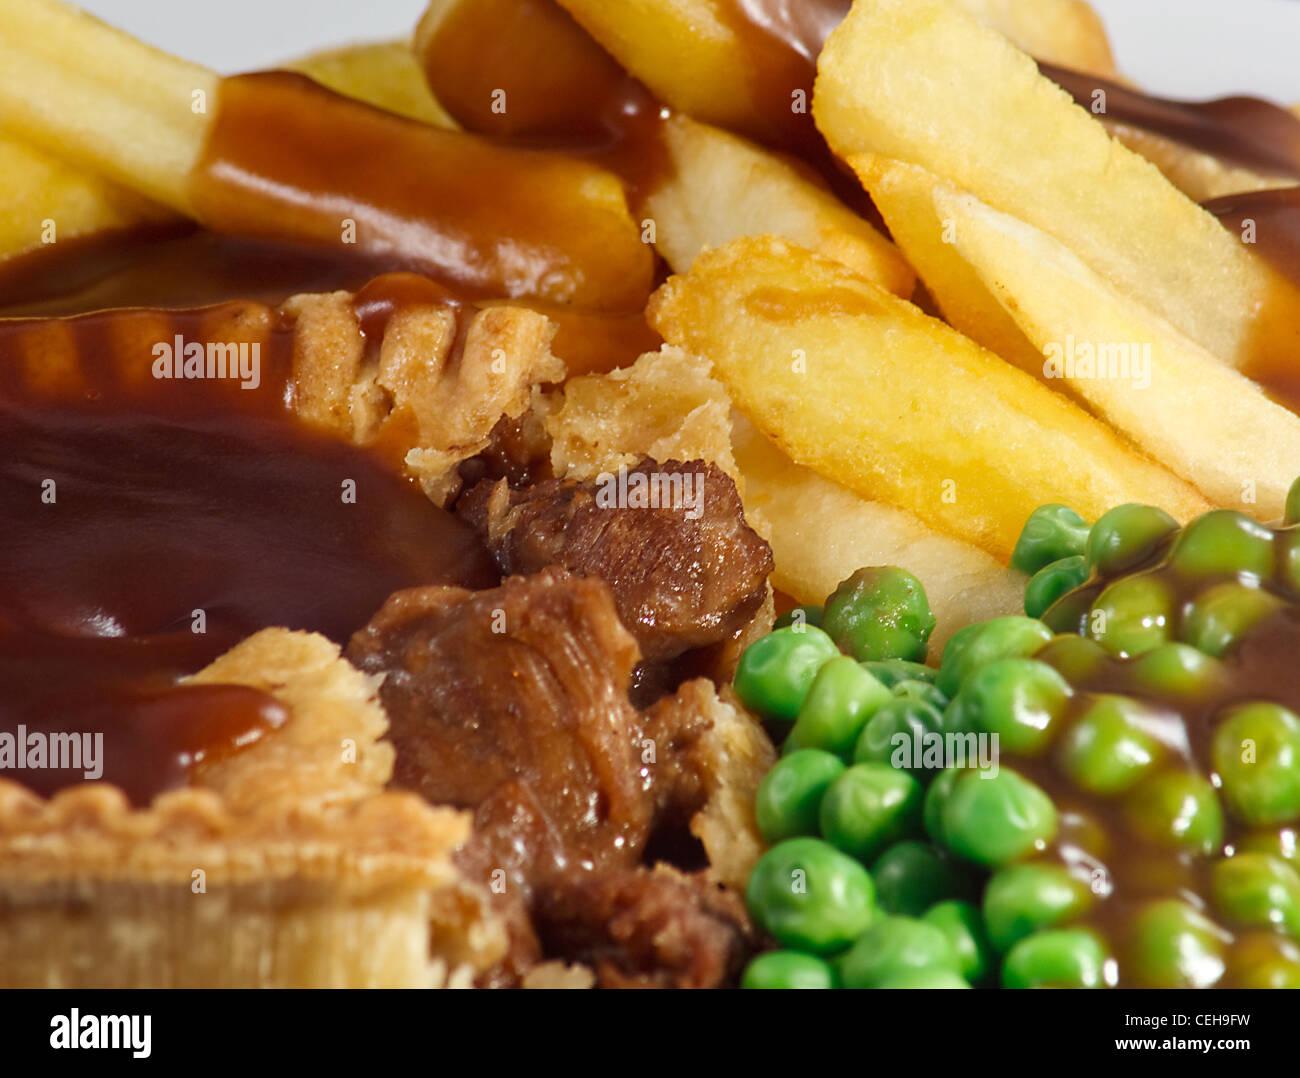 Cerca de torta de carne y papas fritas con guisantes y salsa. Un plato tradicional británico Imagen De Stock